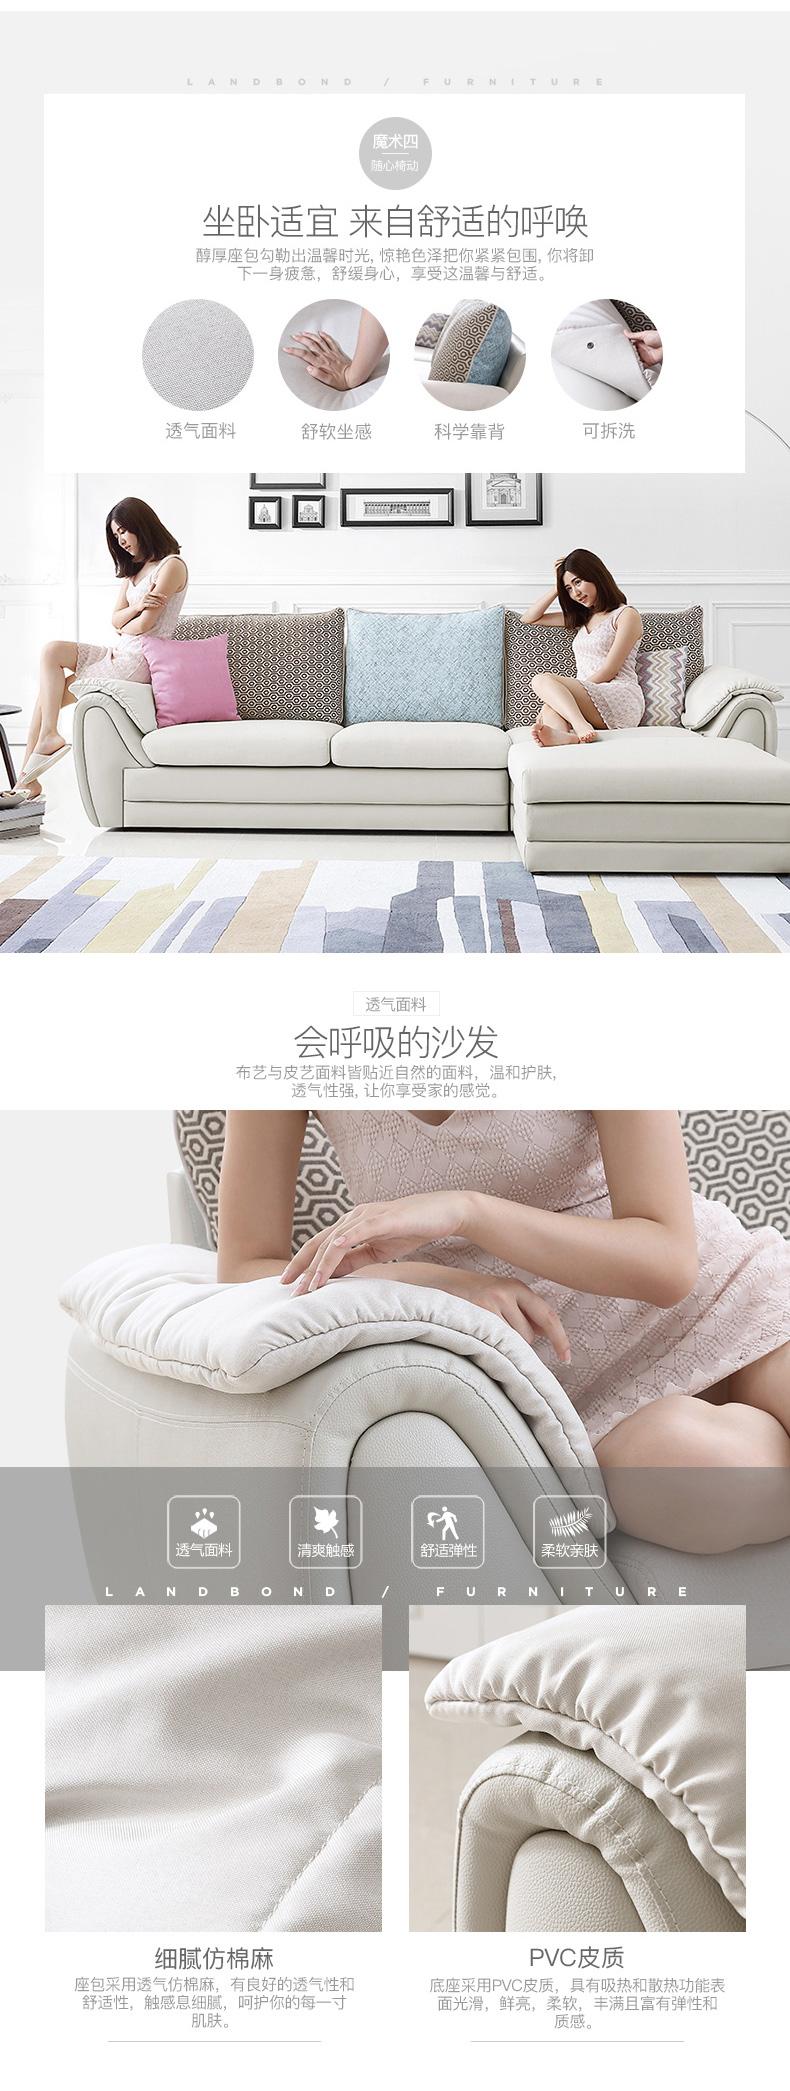 联邦家具-客厅布艺沙发茶几组合_08.jpg